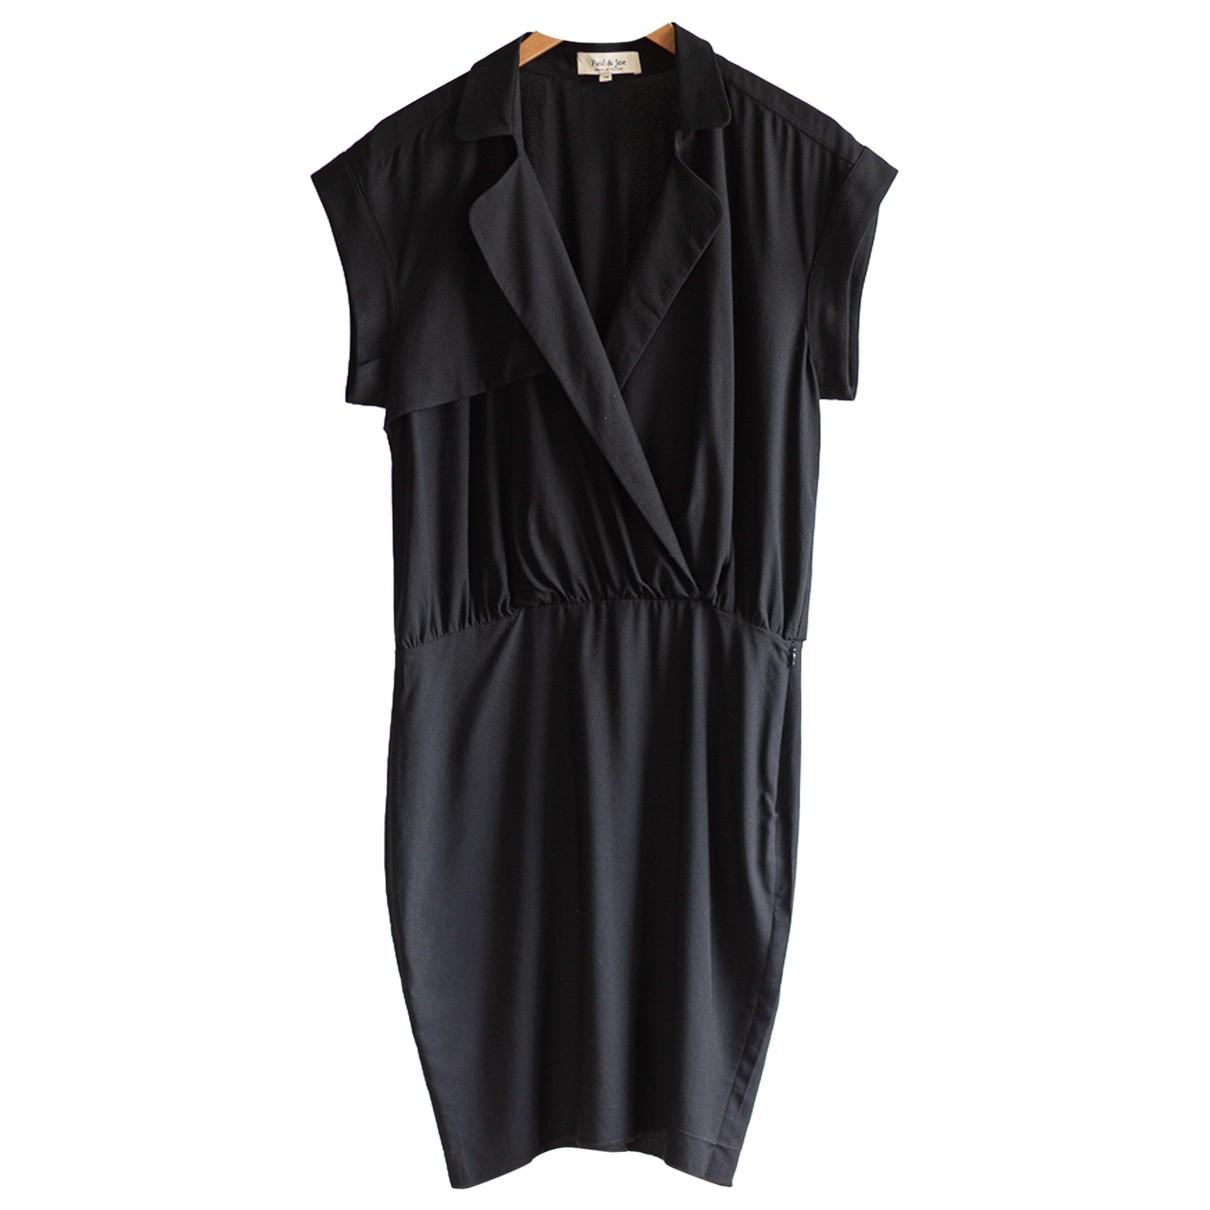 Paul & Joe \N Black dress for Women 38 FR